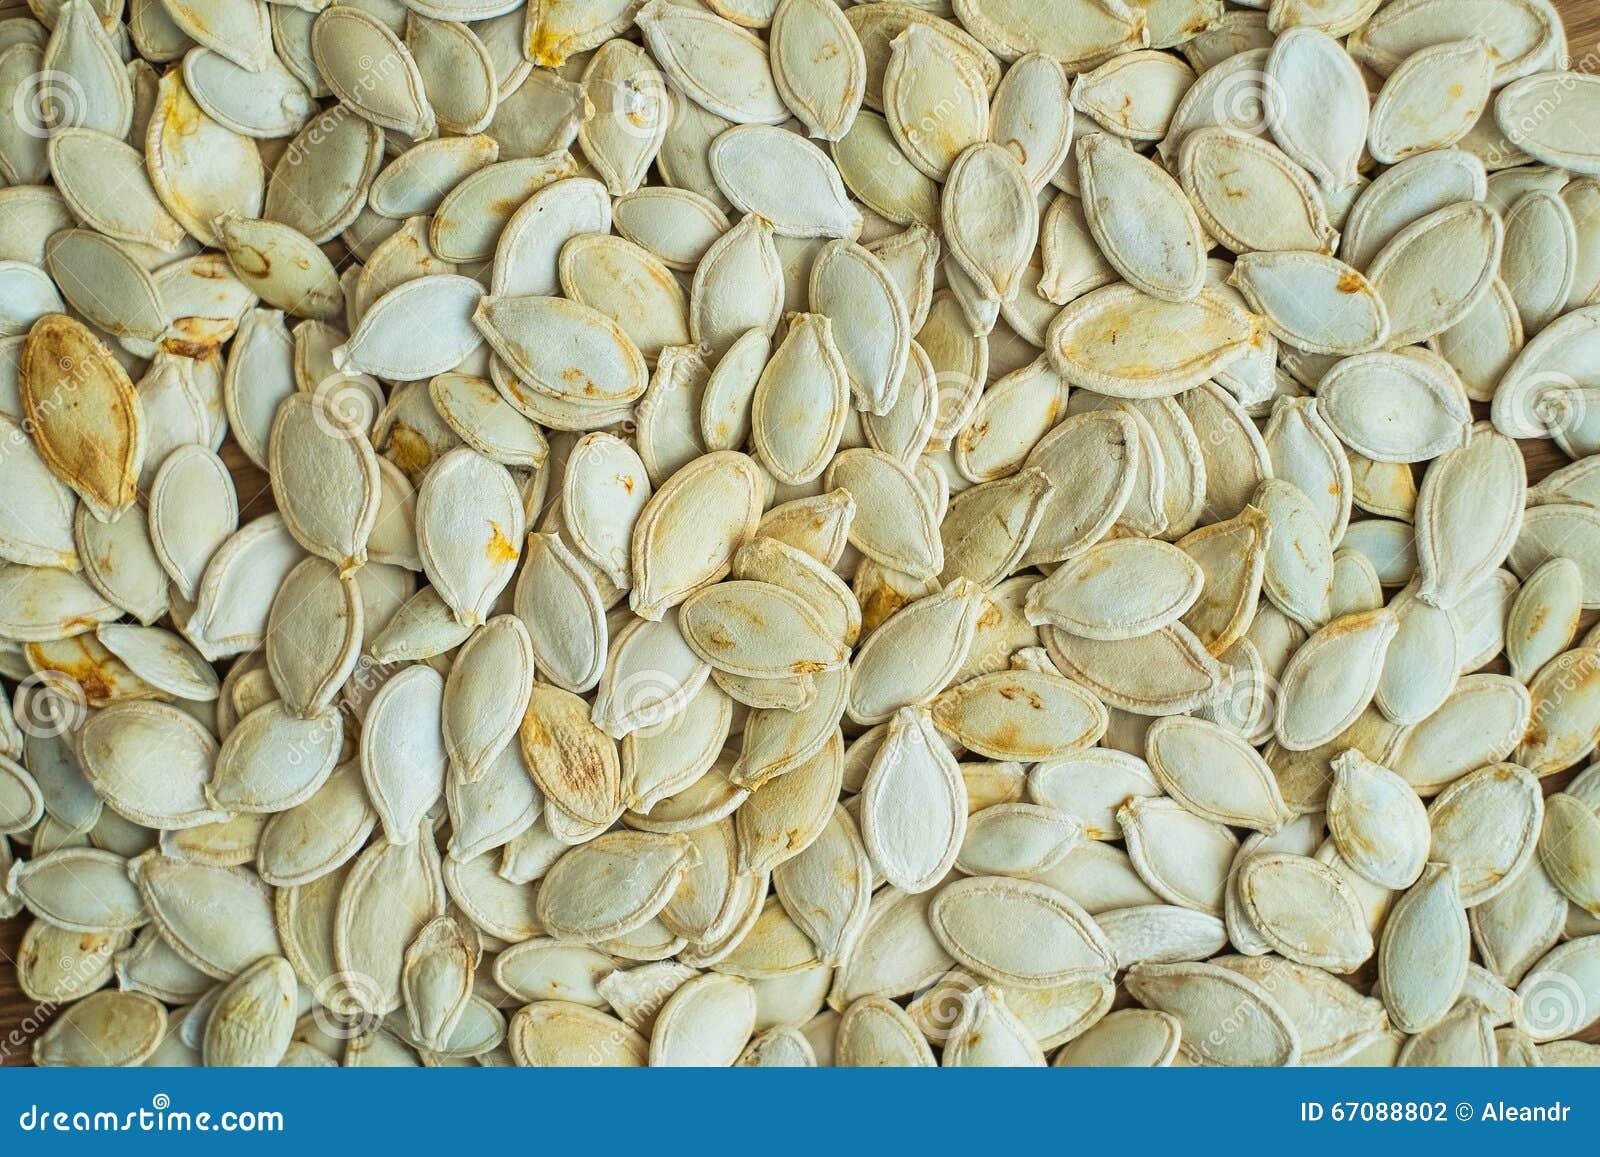 Pumpkin white seeds background